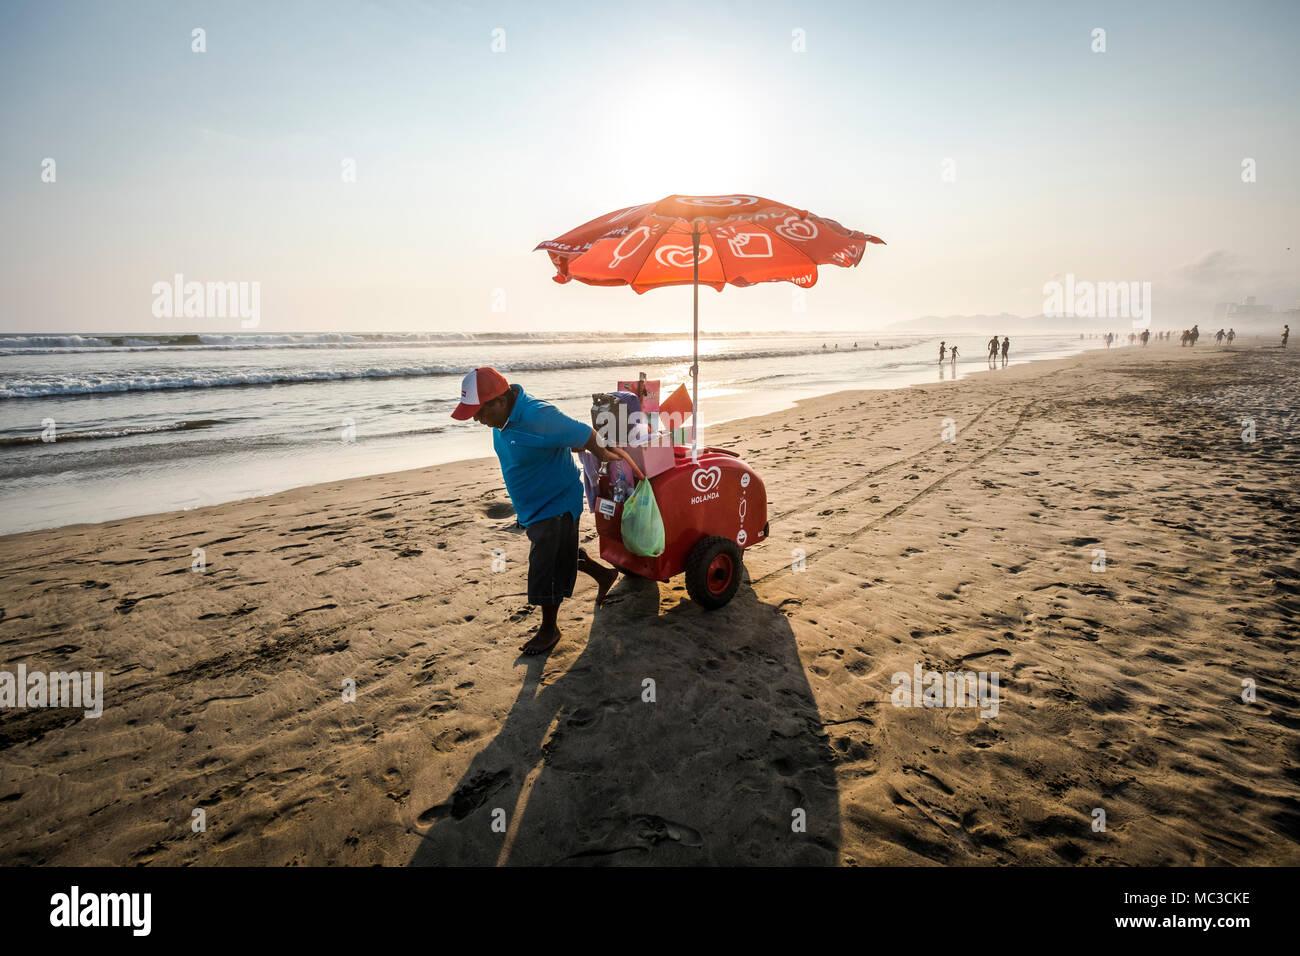 Man selling ice creams at the Acapulco Diamante Beach, Mexico Stock Photo